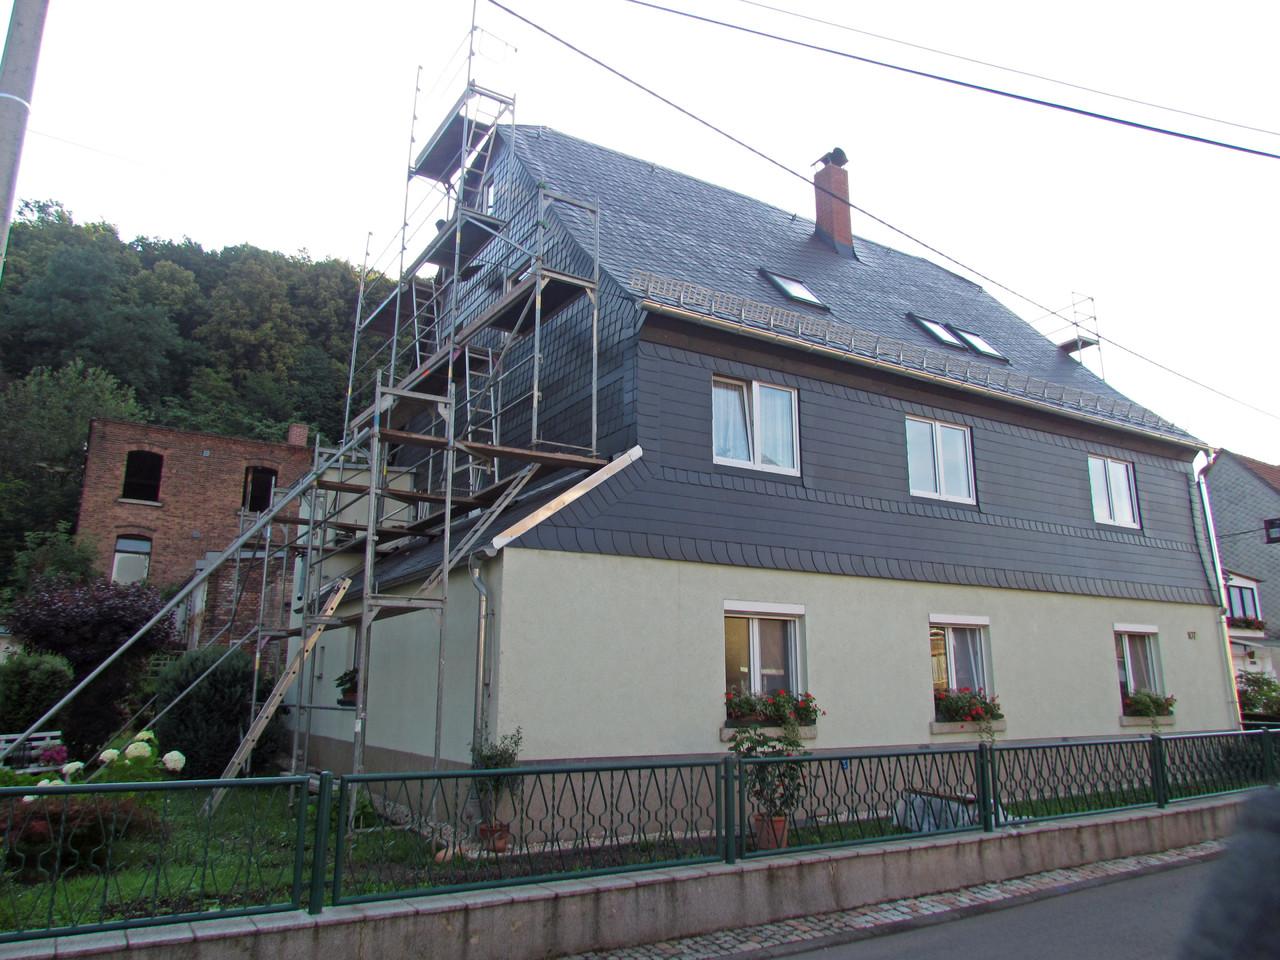 Schieferdach